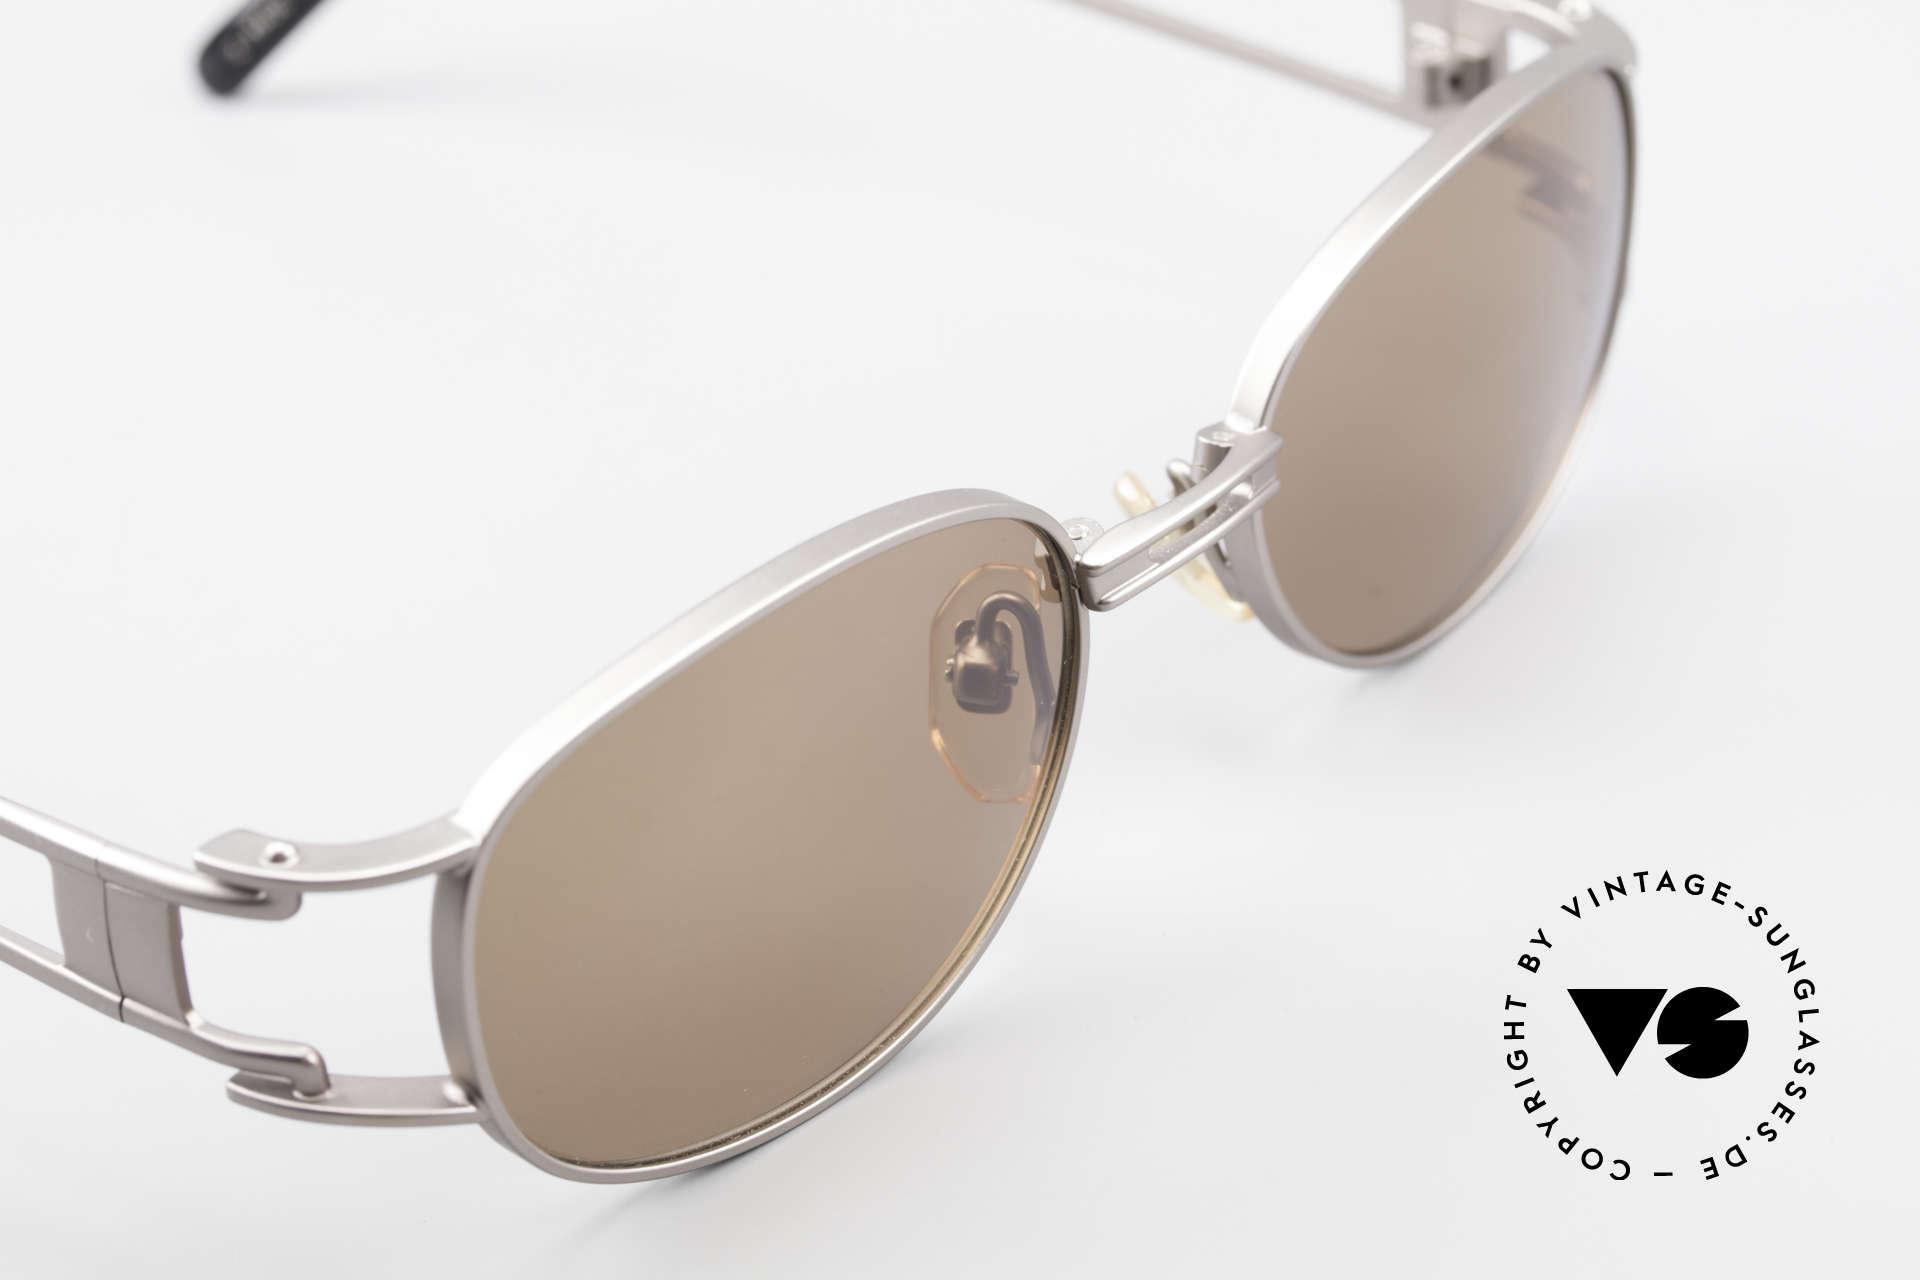 Yohji Yamamoto 52-6106 Vintage Designerbrille Oval, KEINE Retromode; sondern ein Yamamoto Original von '97, Passend für Herren und Damen